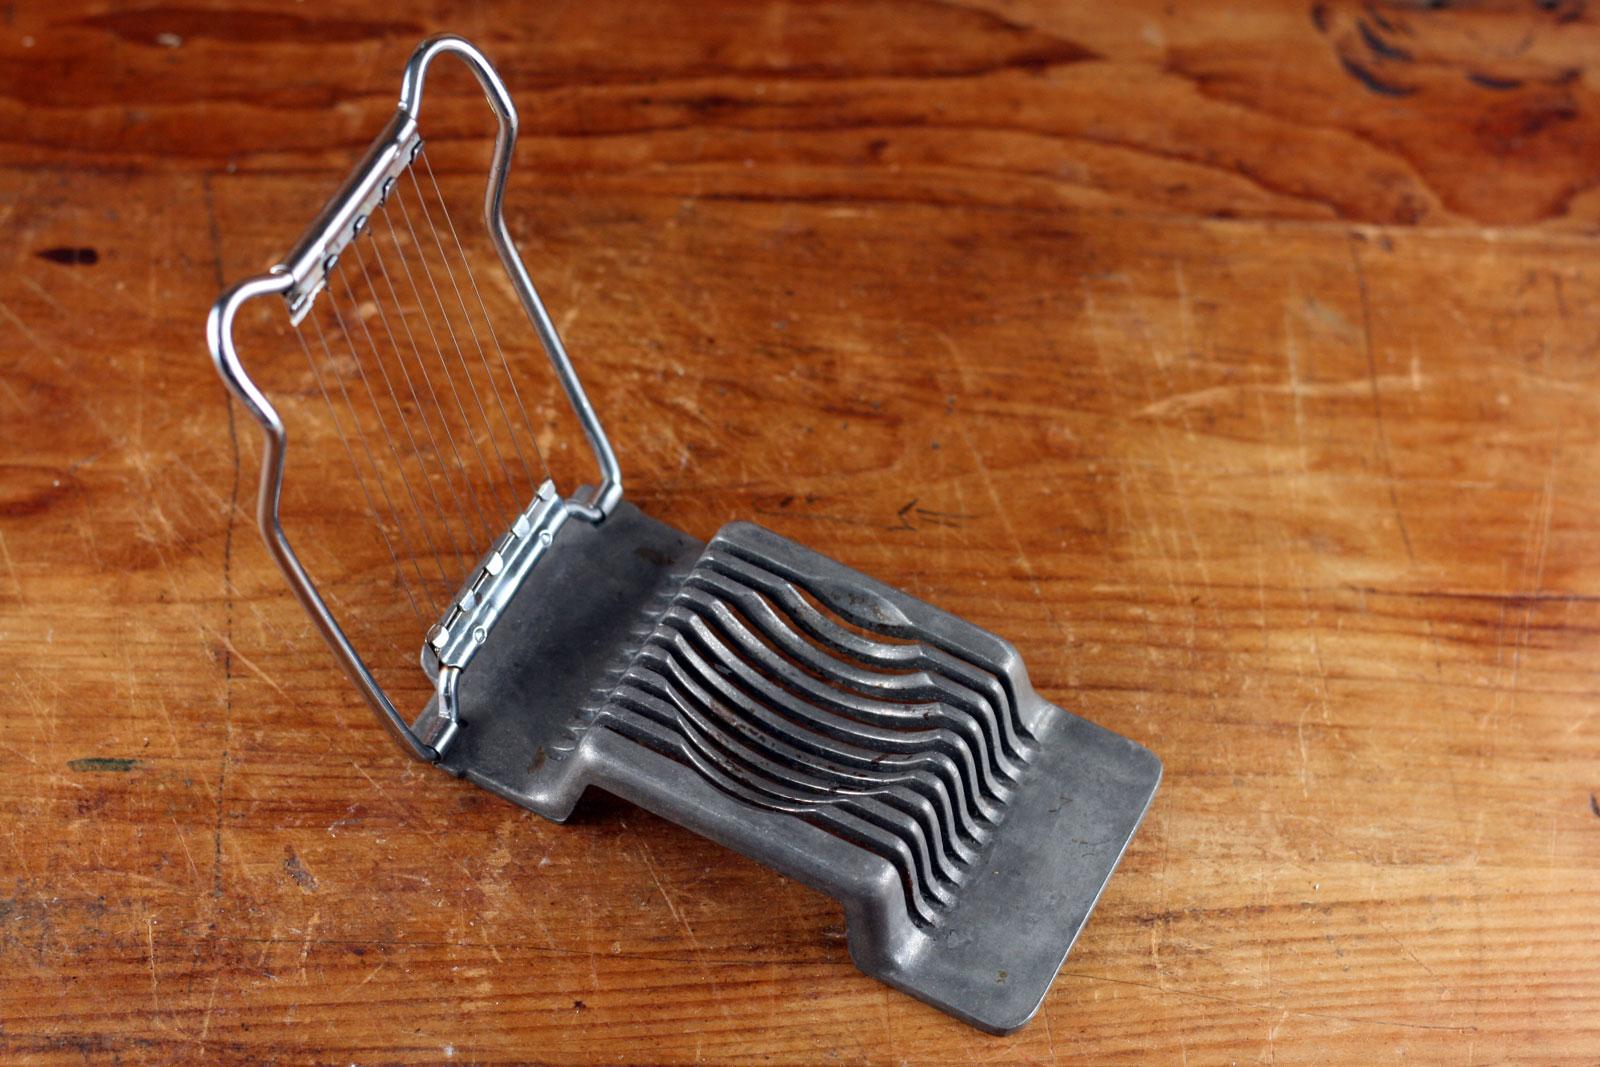 Metal egg slicer